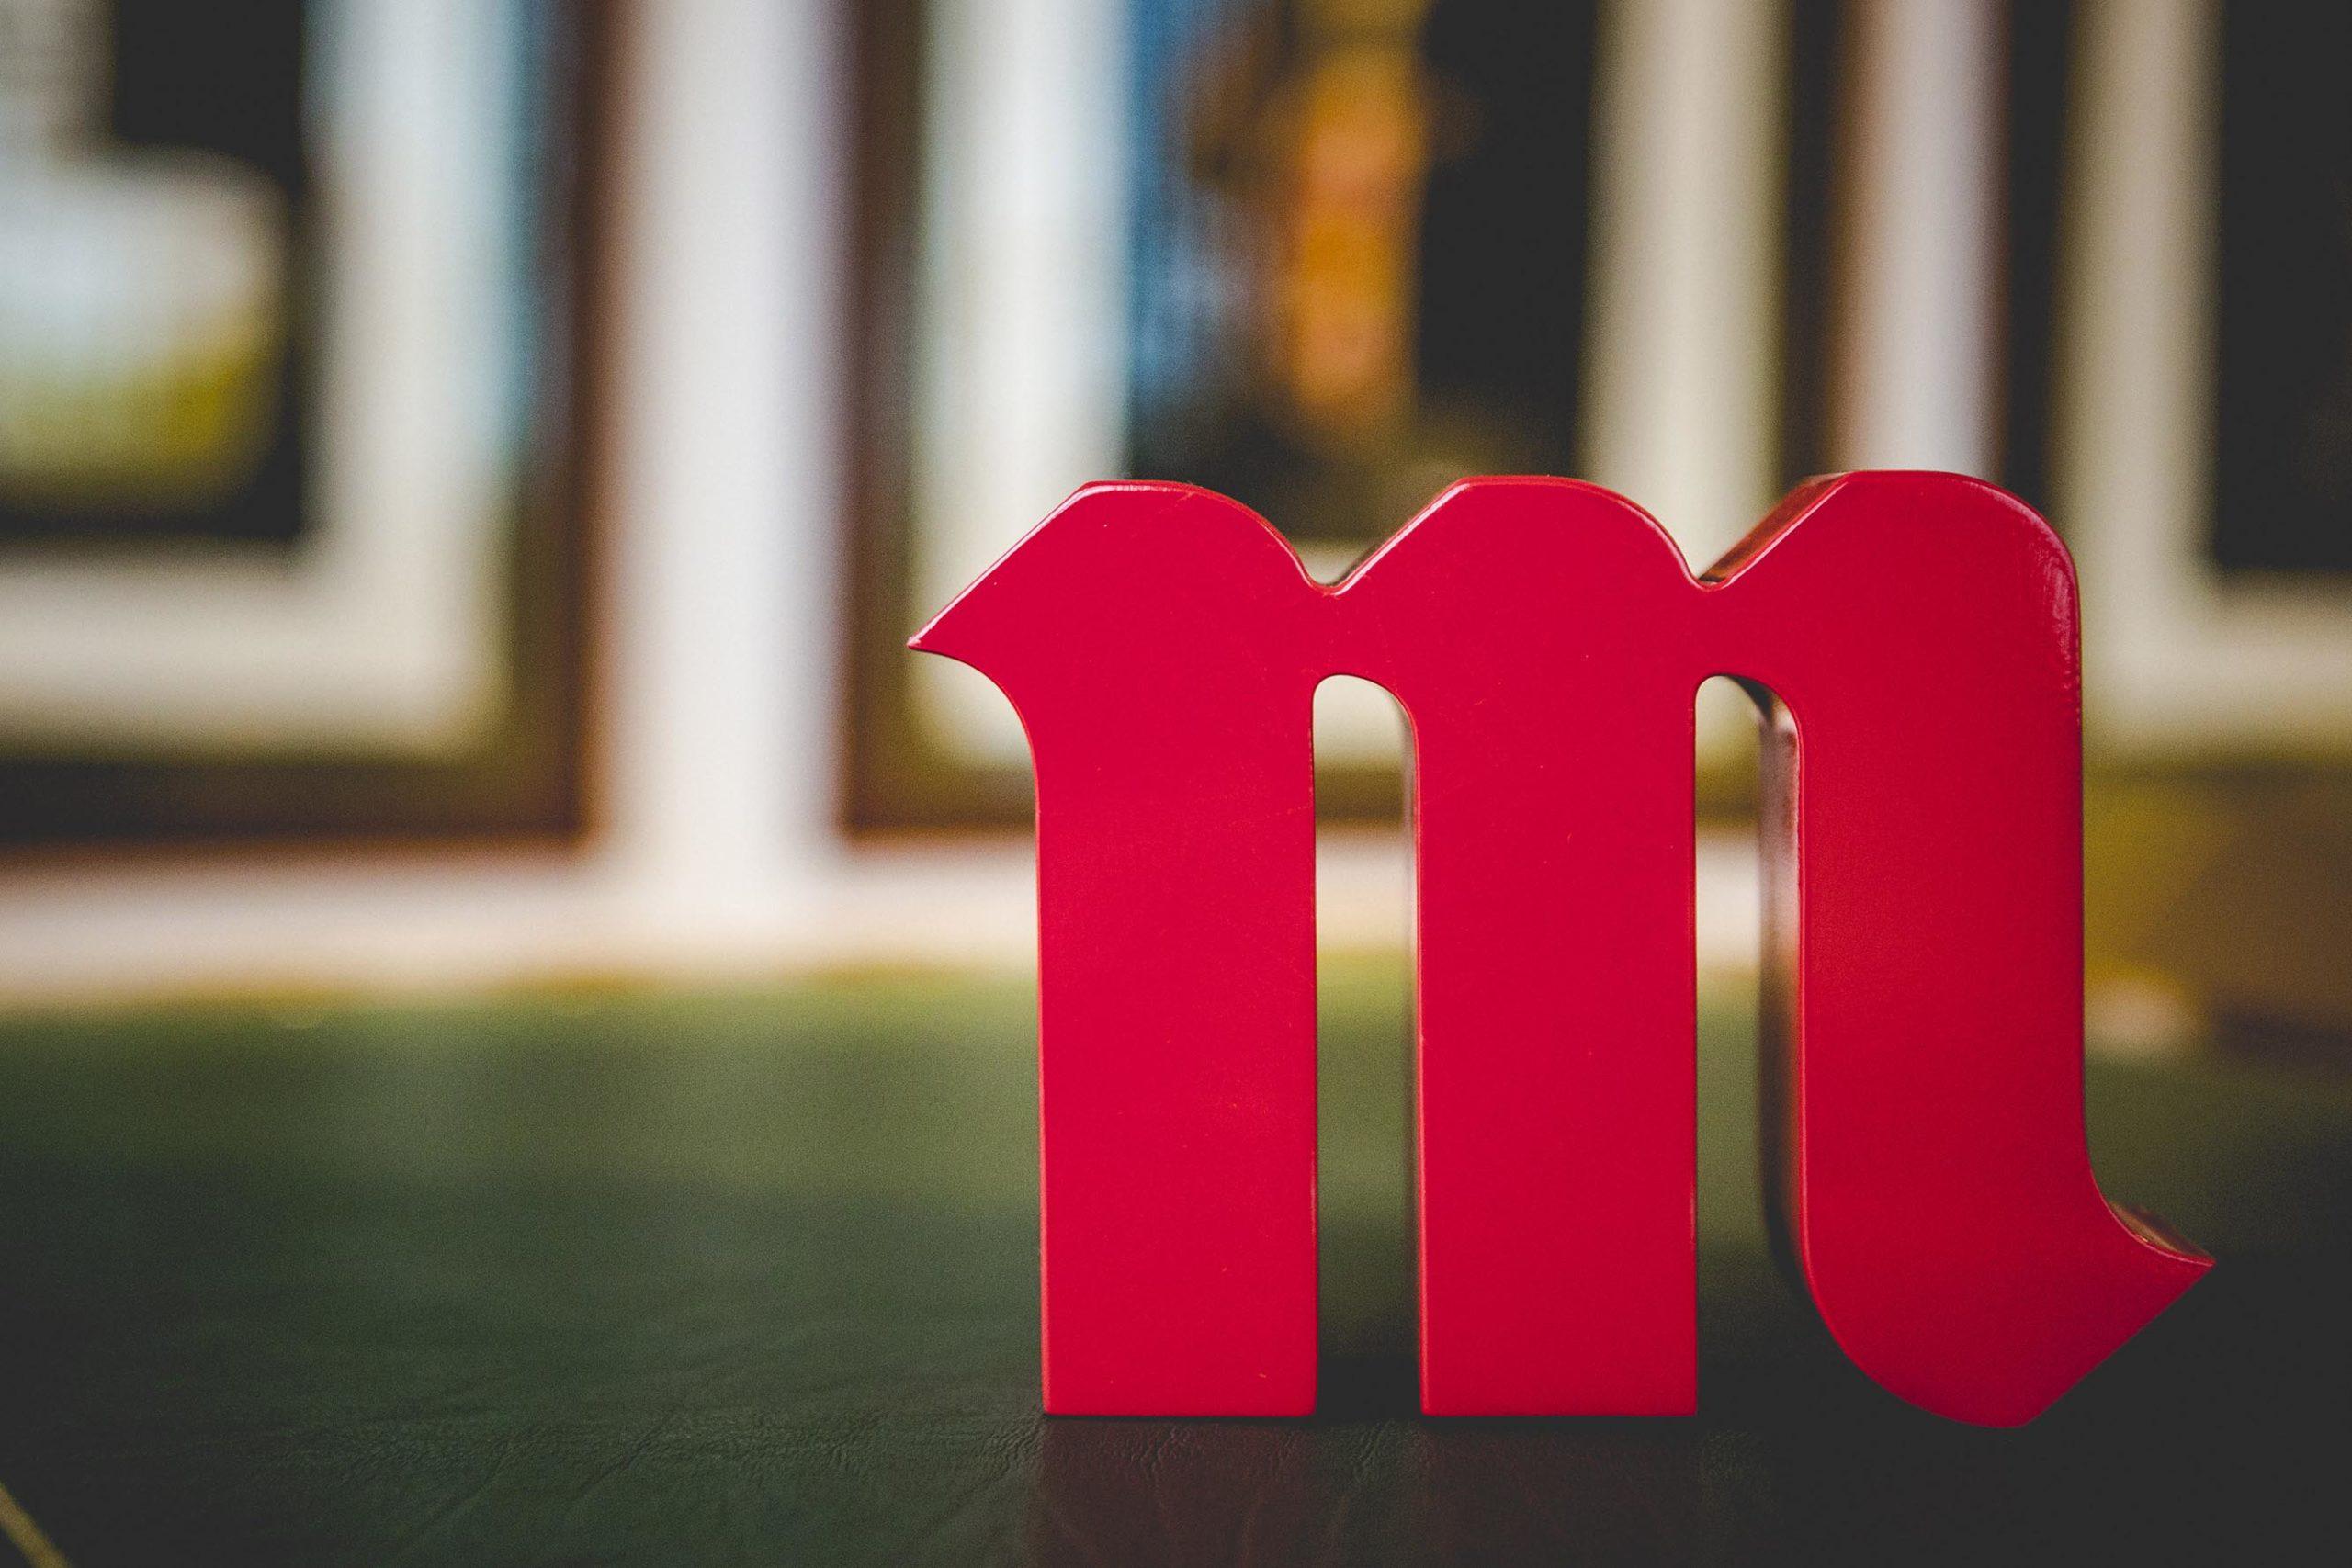 Mahou San Miguel logra cerrar 2020 con un crecimiento de 2,3 millones de euros